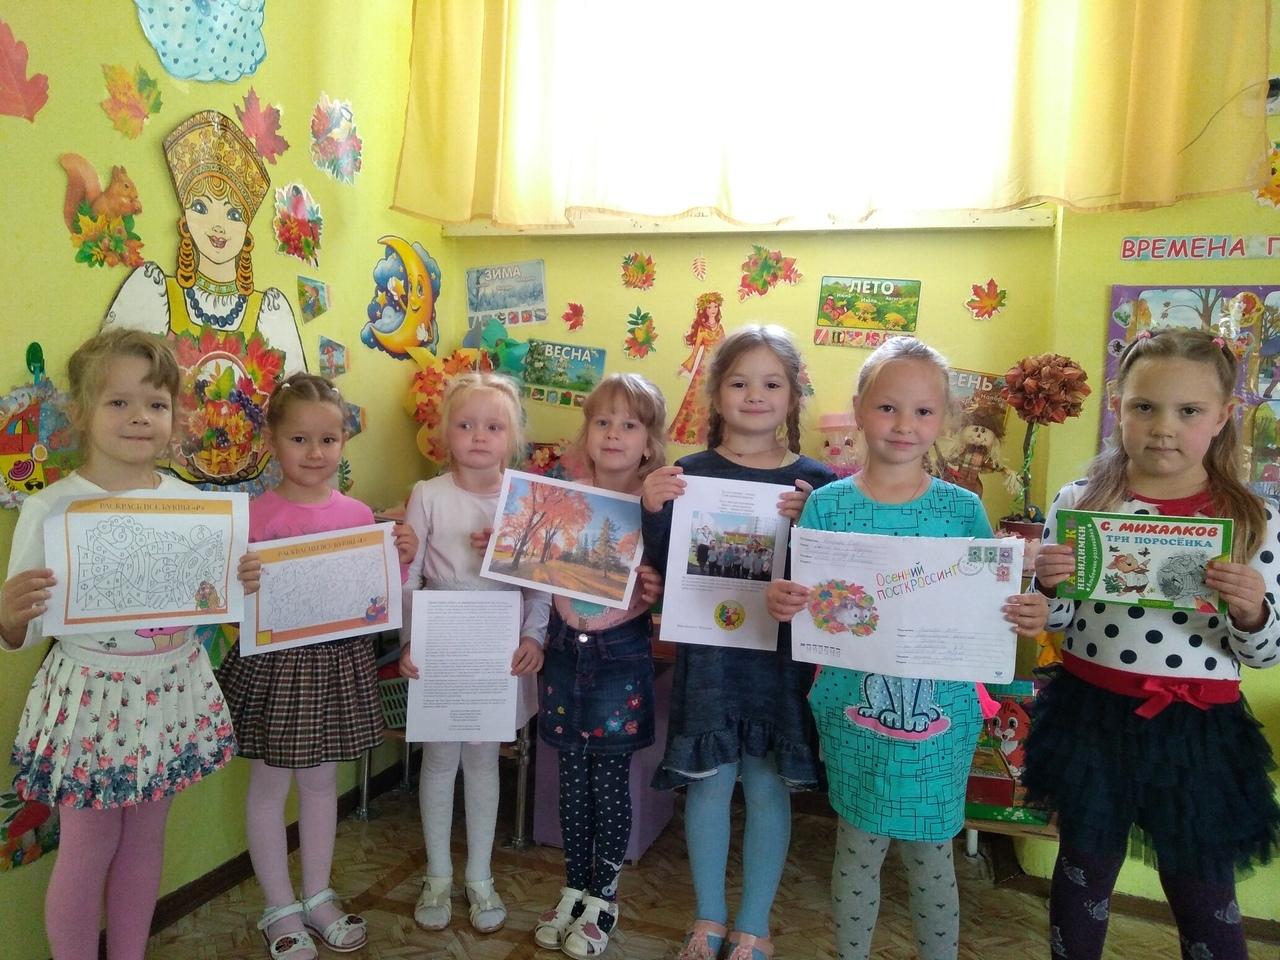 Дошколята из Петровска продолжают обмениваться письмами со сверстниками из других городов